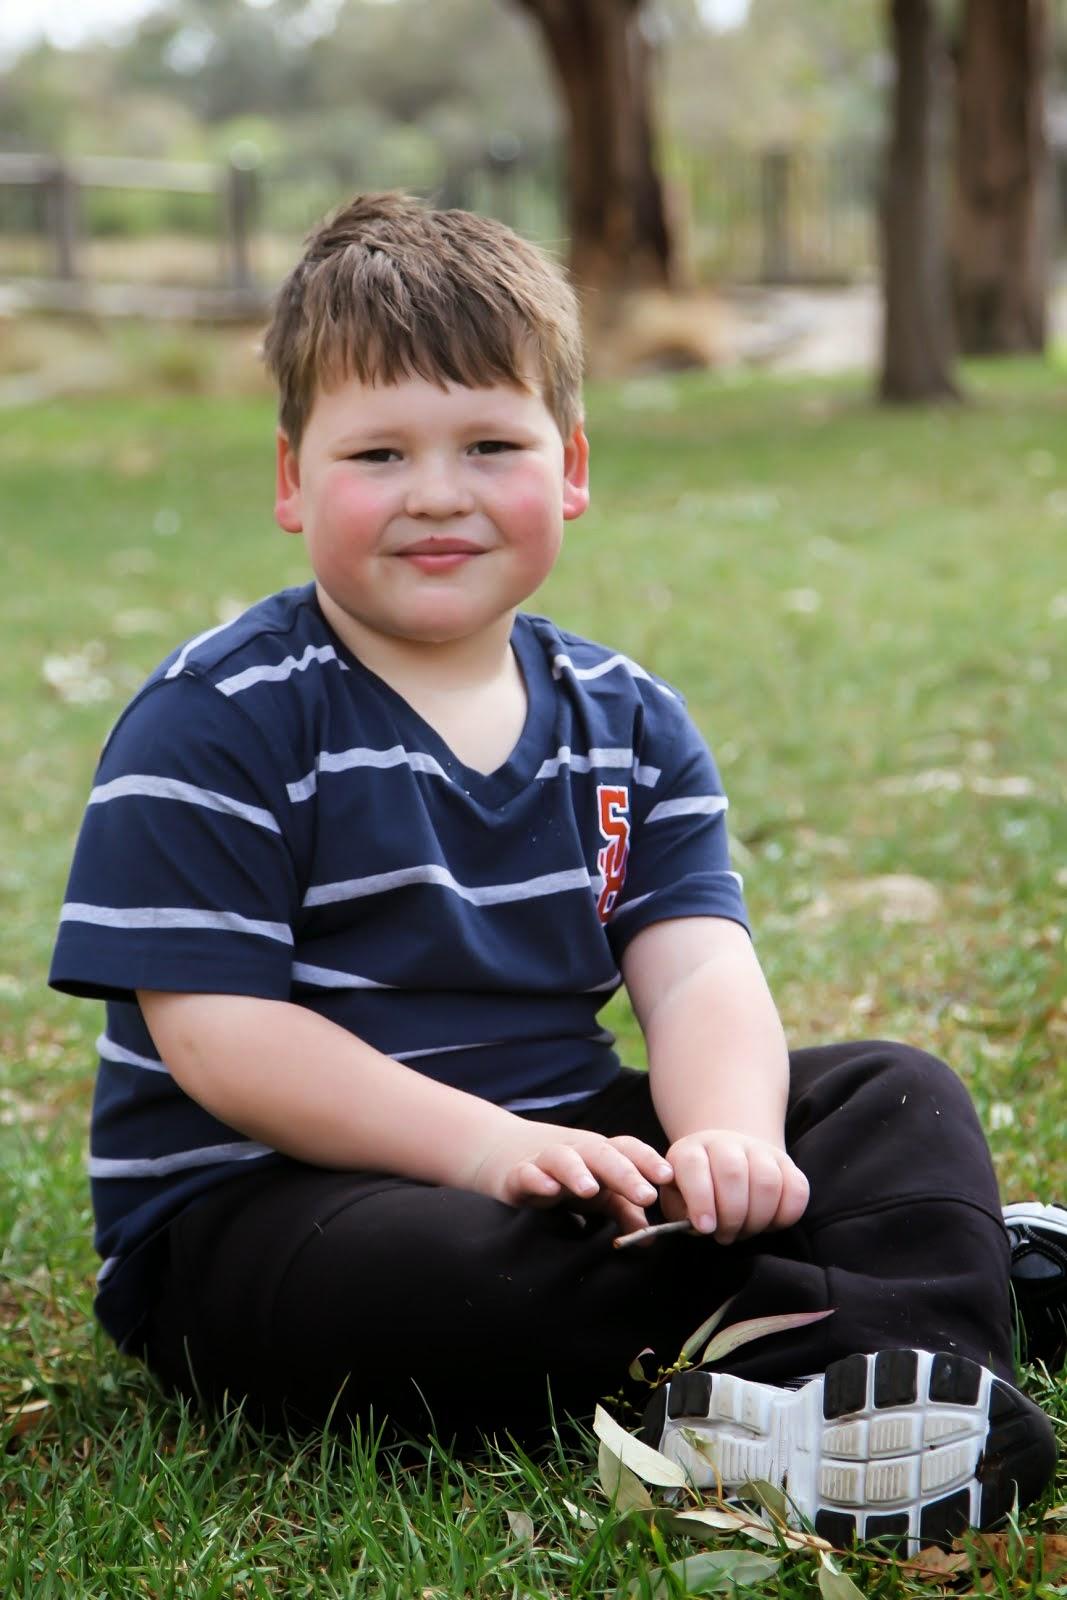 Zac, aged 7